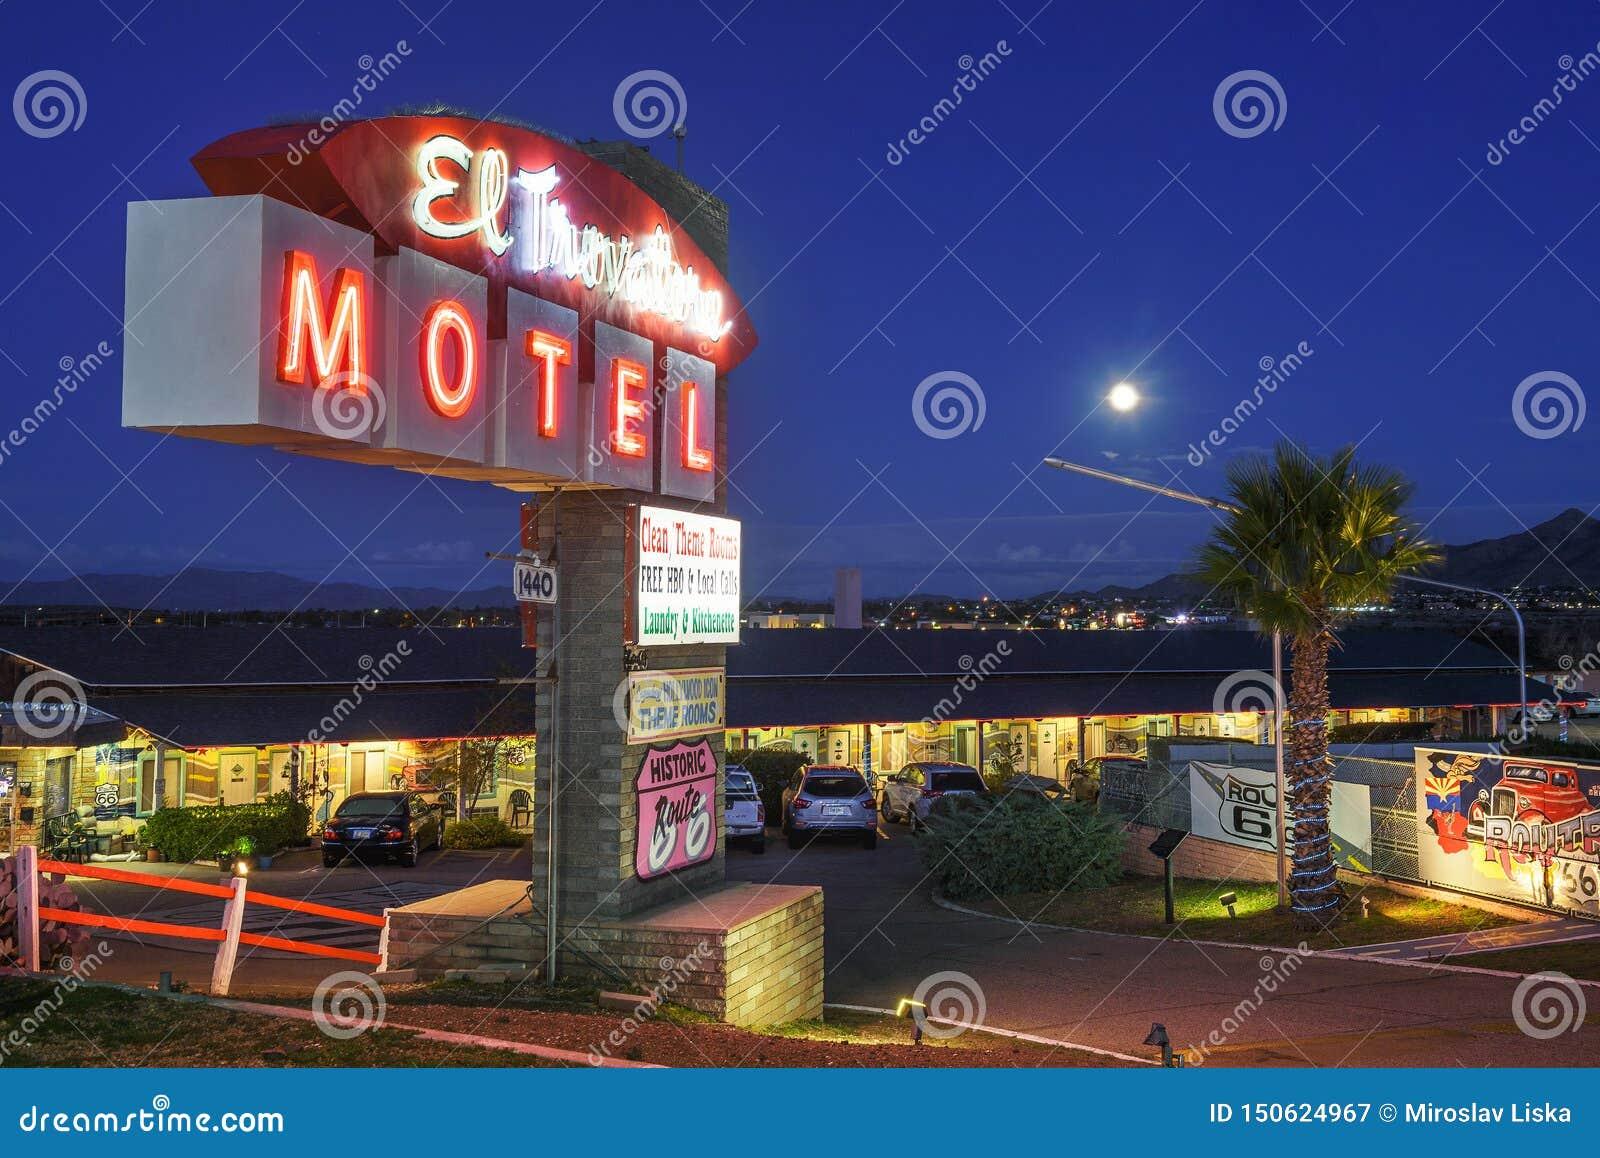 Μοτέλ EL Trovatore στη διαδρομή 66 σε Kingman, Αριζόνα, τη νύχτα